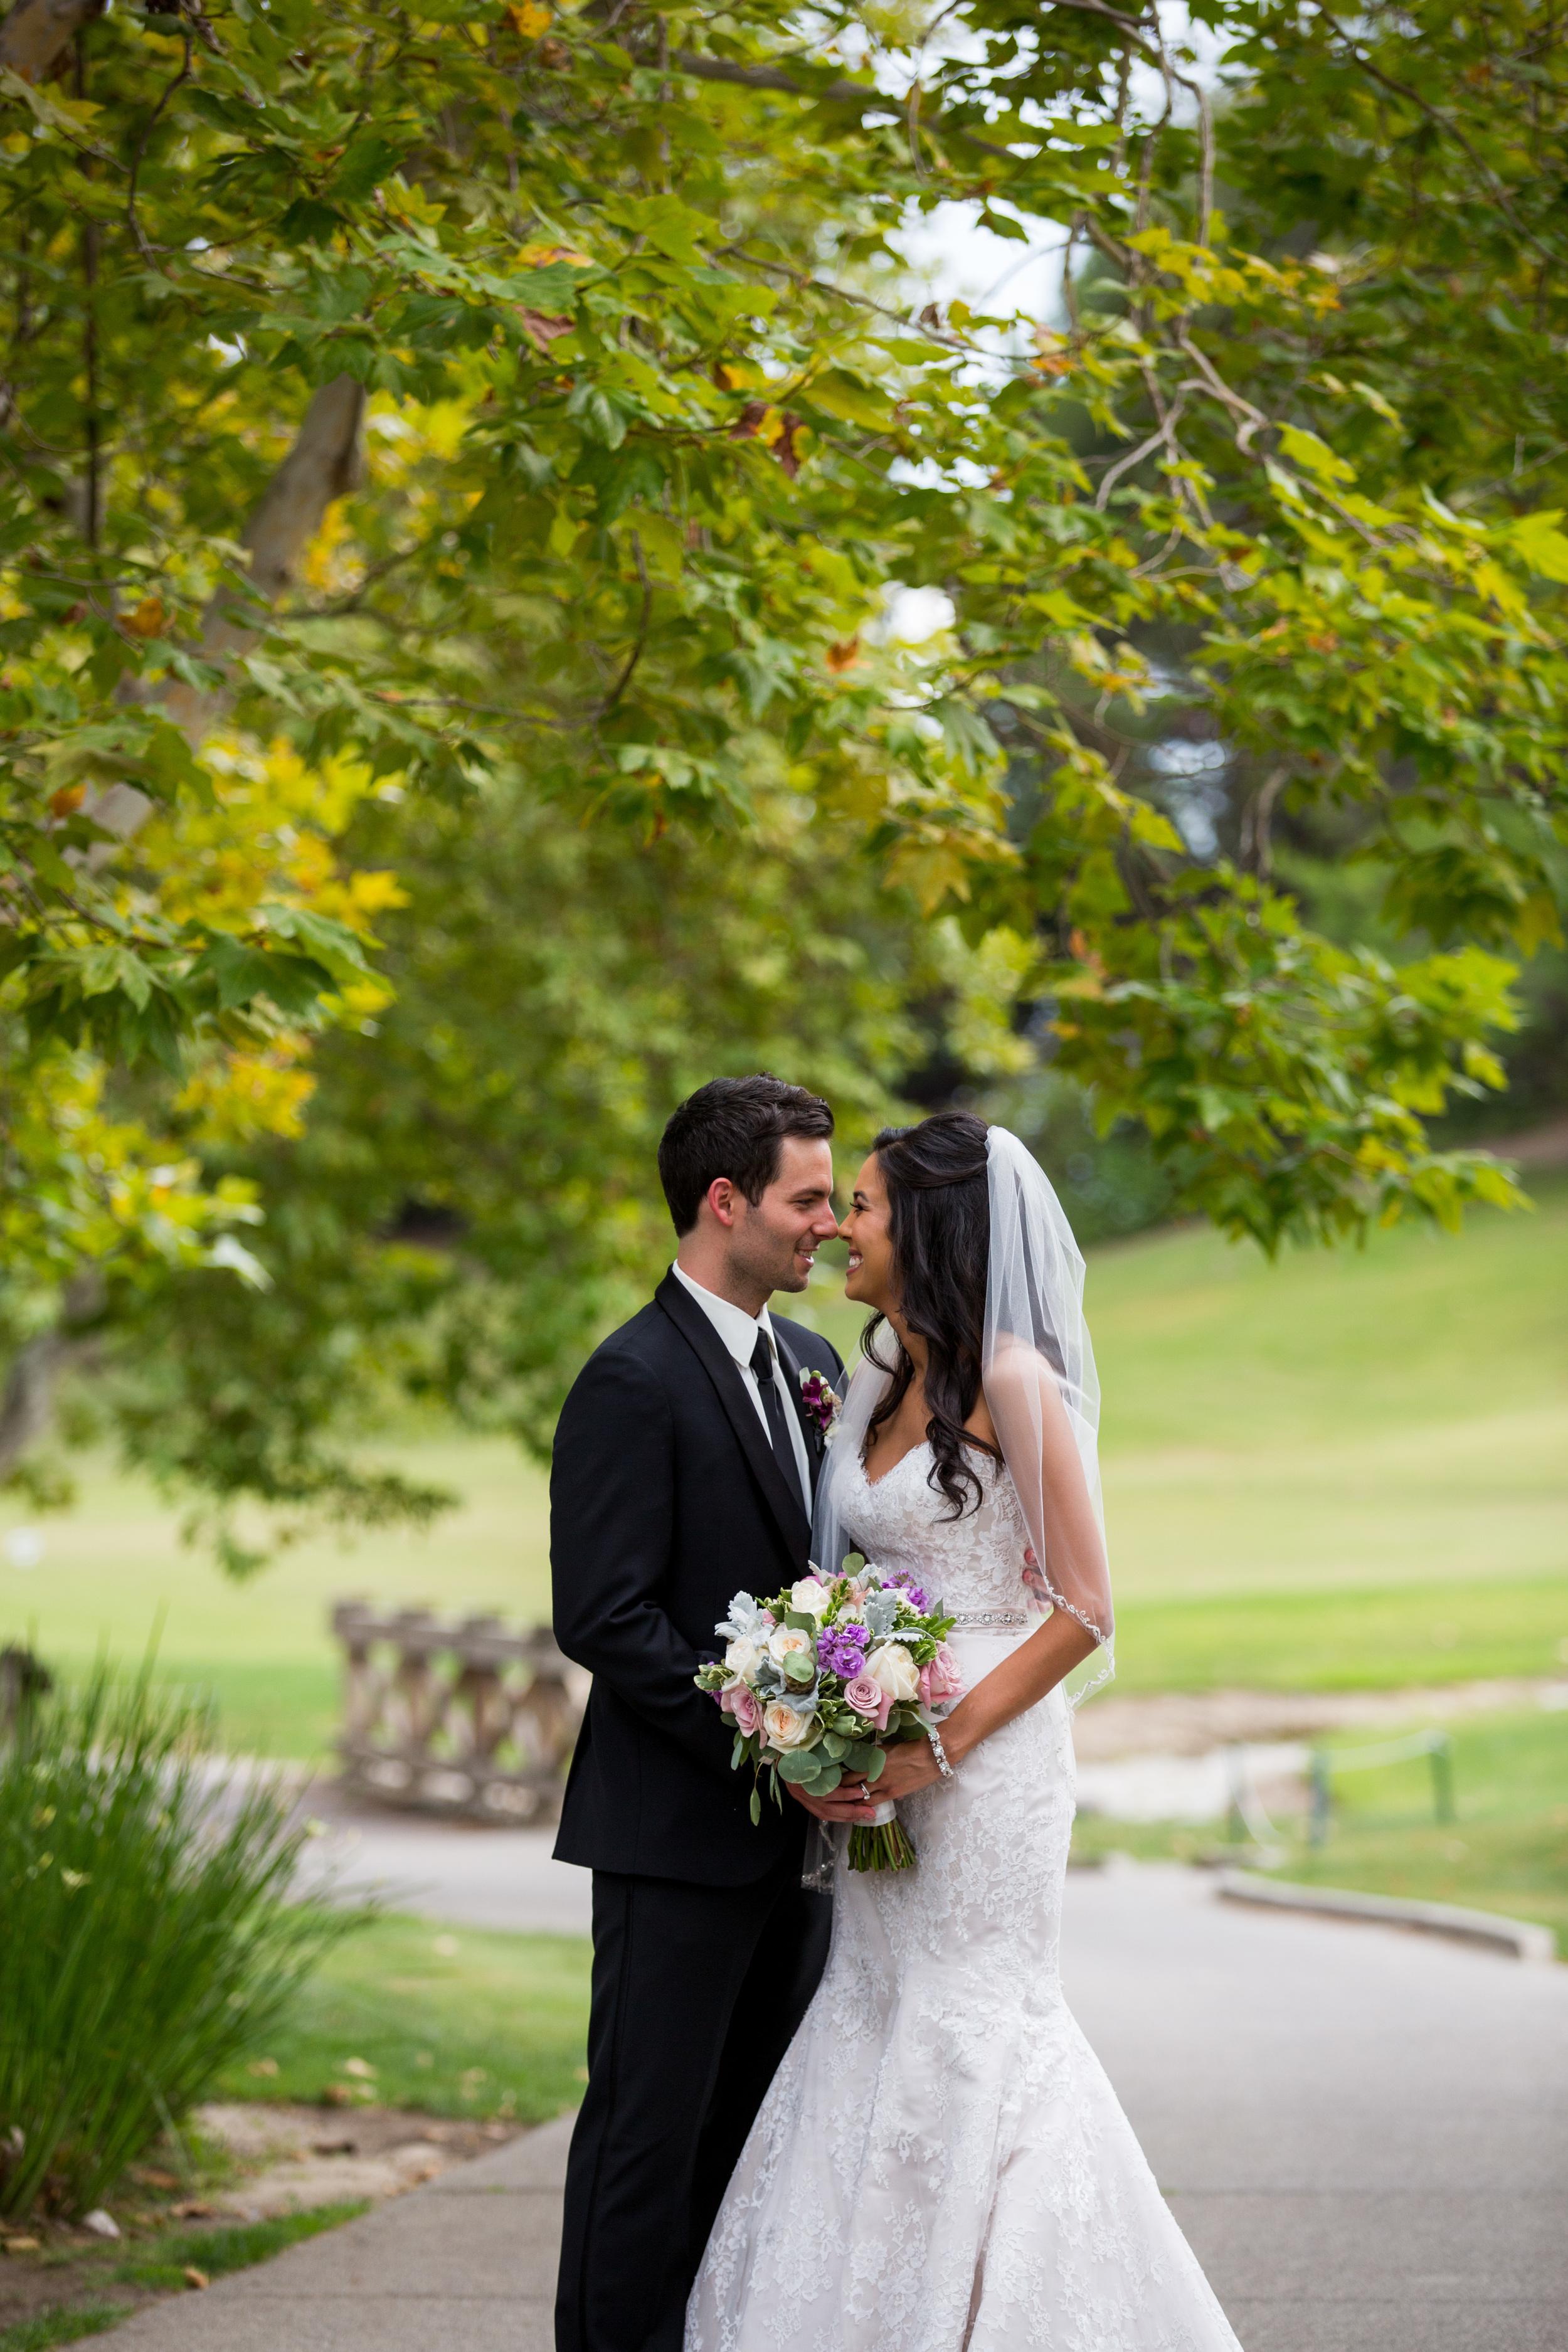 Stephanie and Benny - Couple Photos-33.jpg